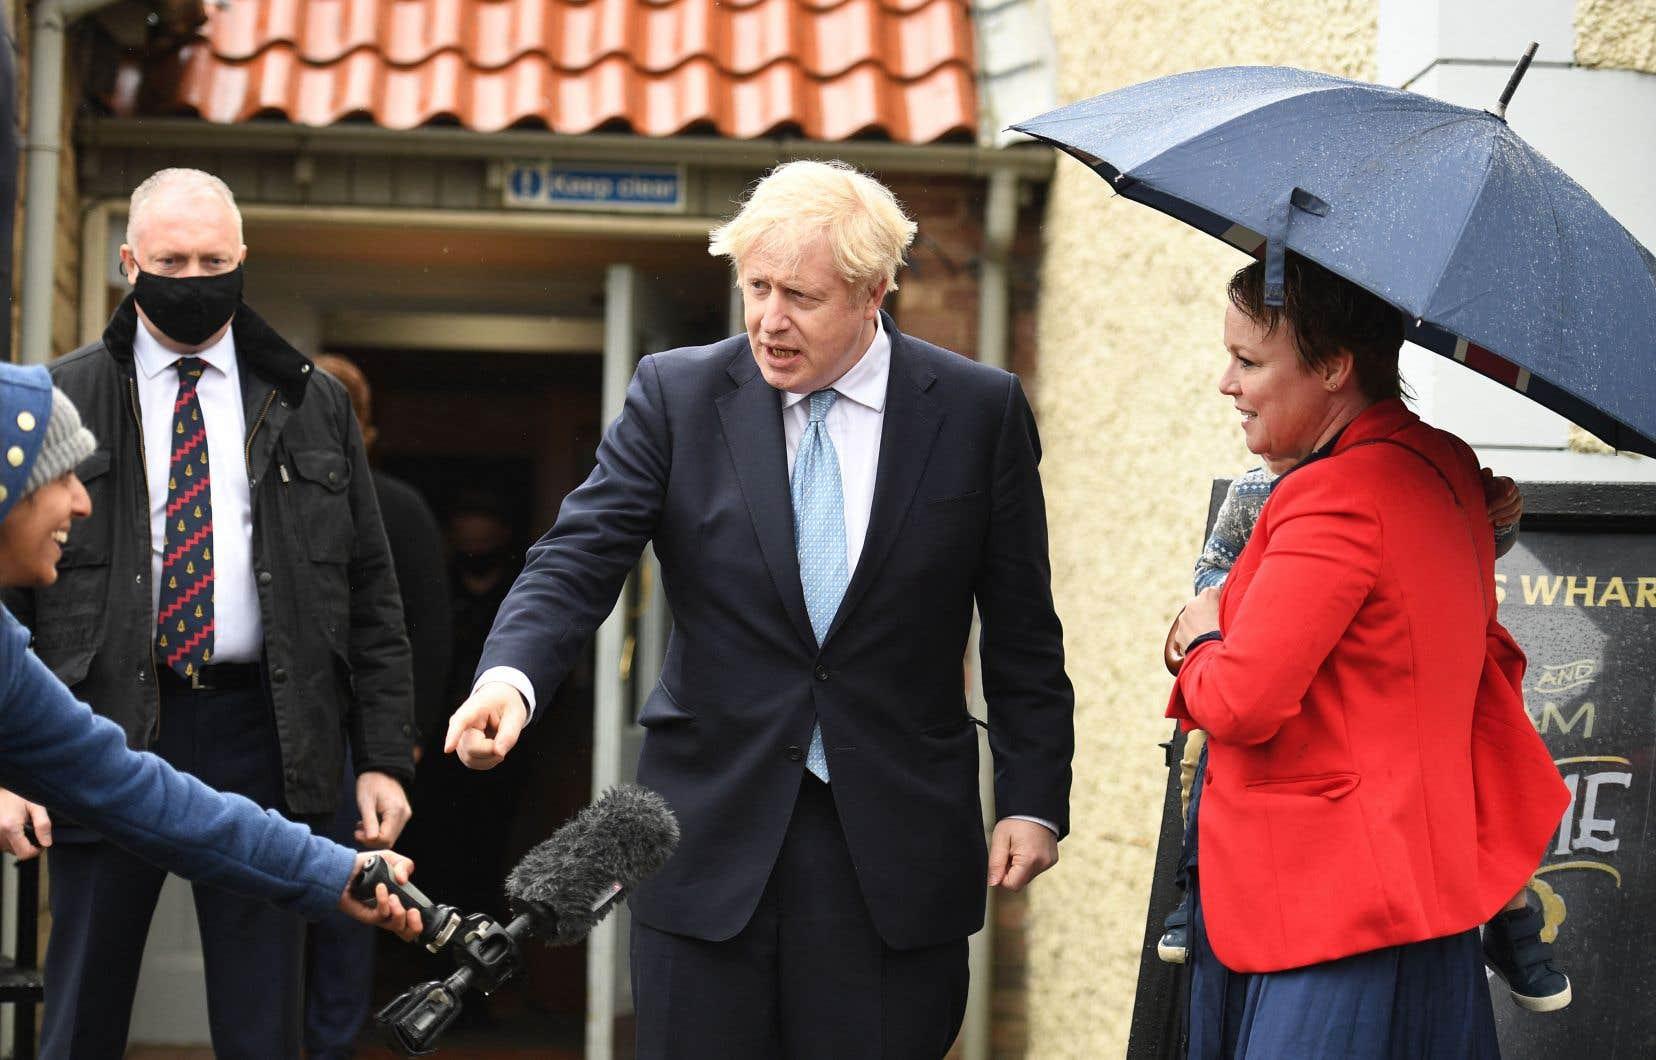 Le premier ministre britannique, Boris Johnson (au centre), échange avec une journaliste sous l'oeil de la supporter Kelly Whitfield (à droite), à Hartpool vendredi.